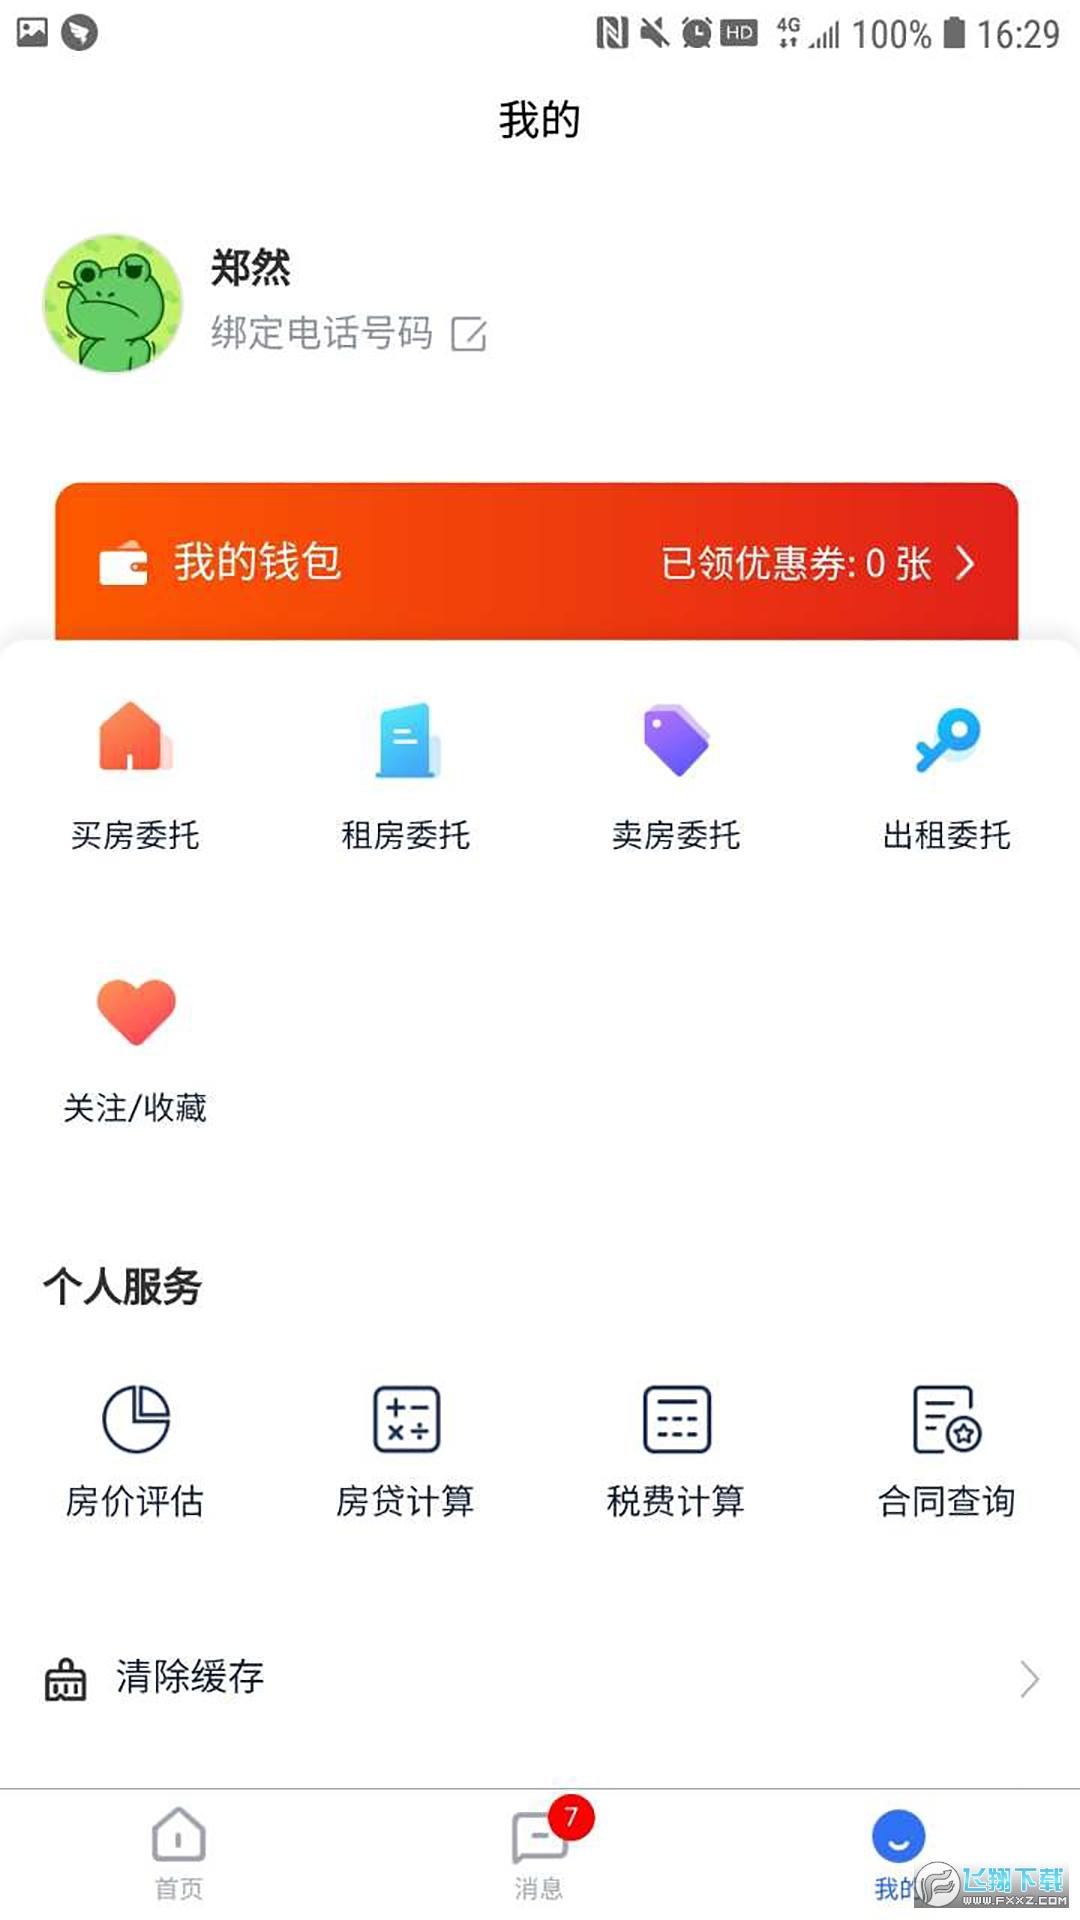 天钉找房大平台app官方版1.0.6最新版截图1